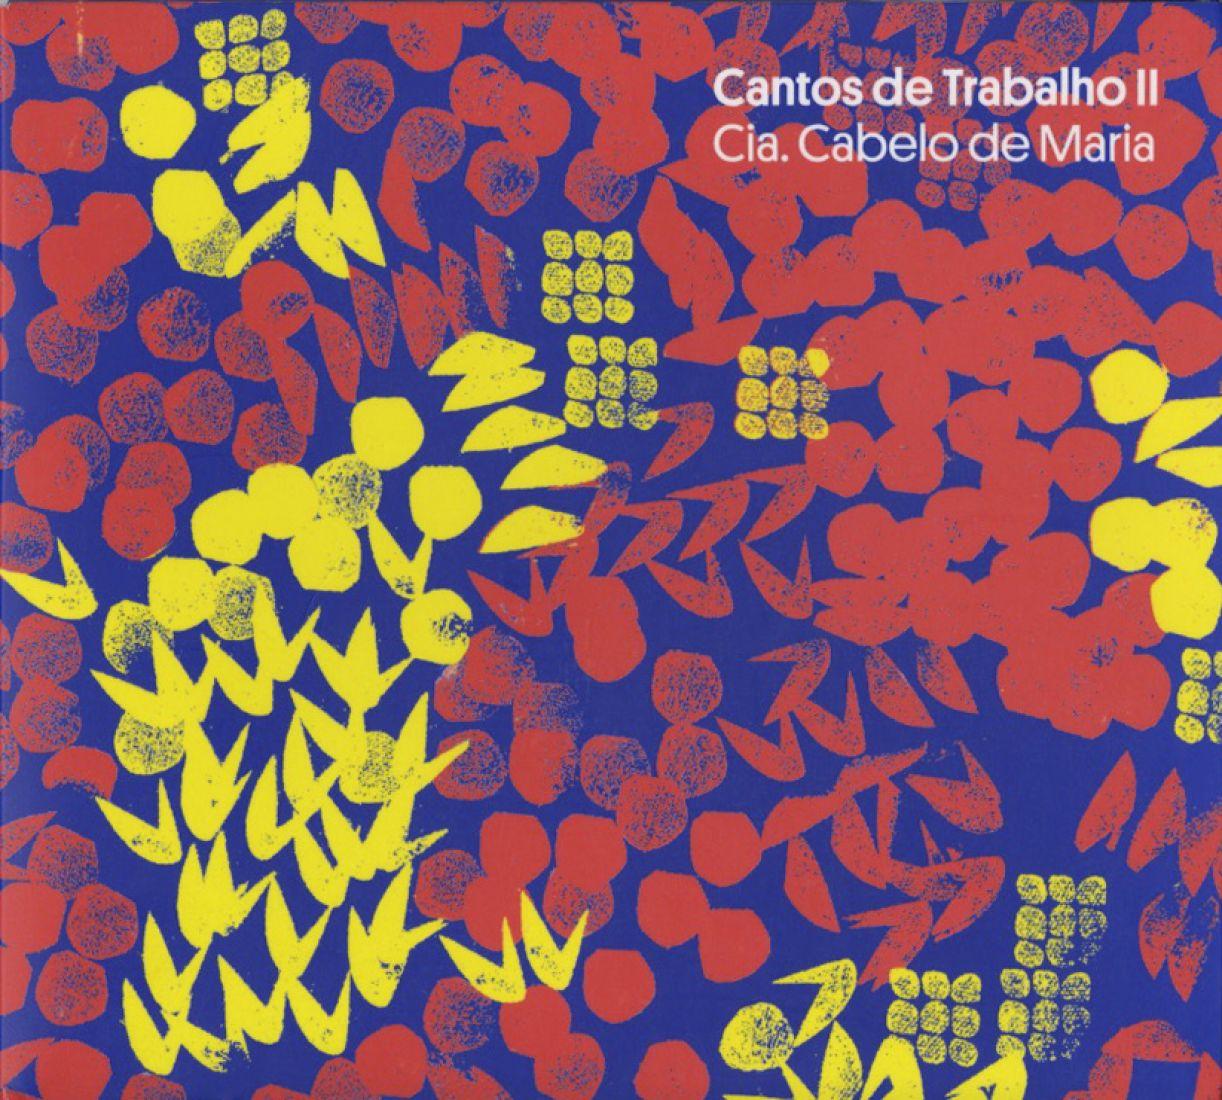 O disco conta com a participação de integrantes da Comunidade de Trabalhadores Rurais de Serra Preta, da Bahia